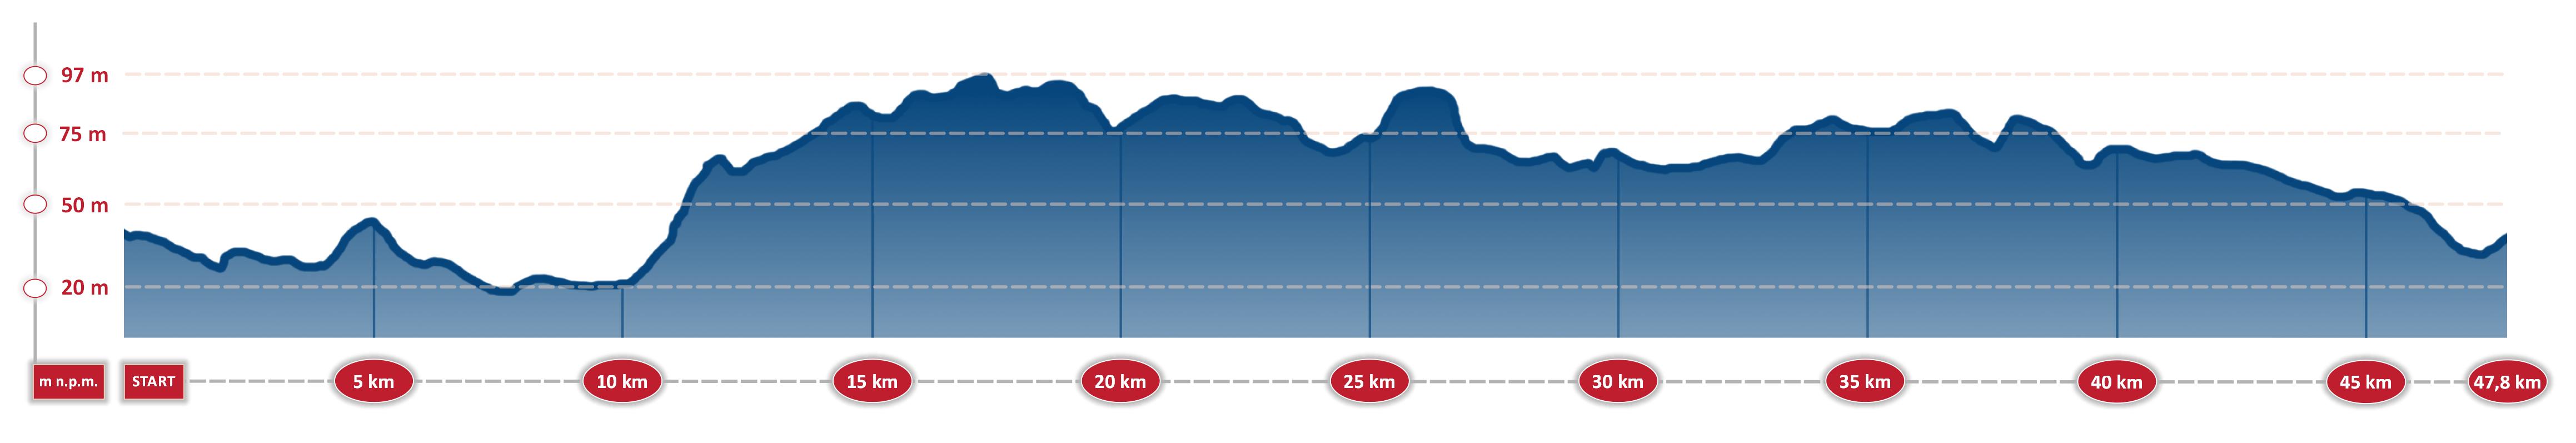 Pyrzyckie Kolarskie Grand Prix - profil topograficzny